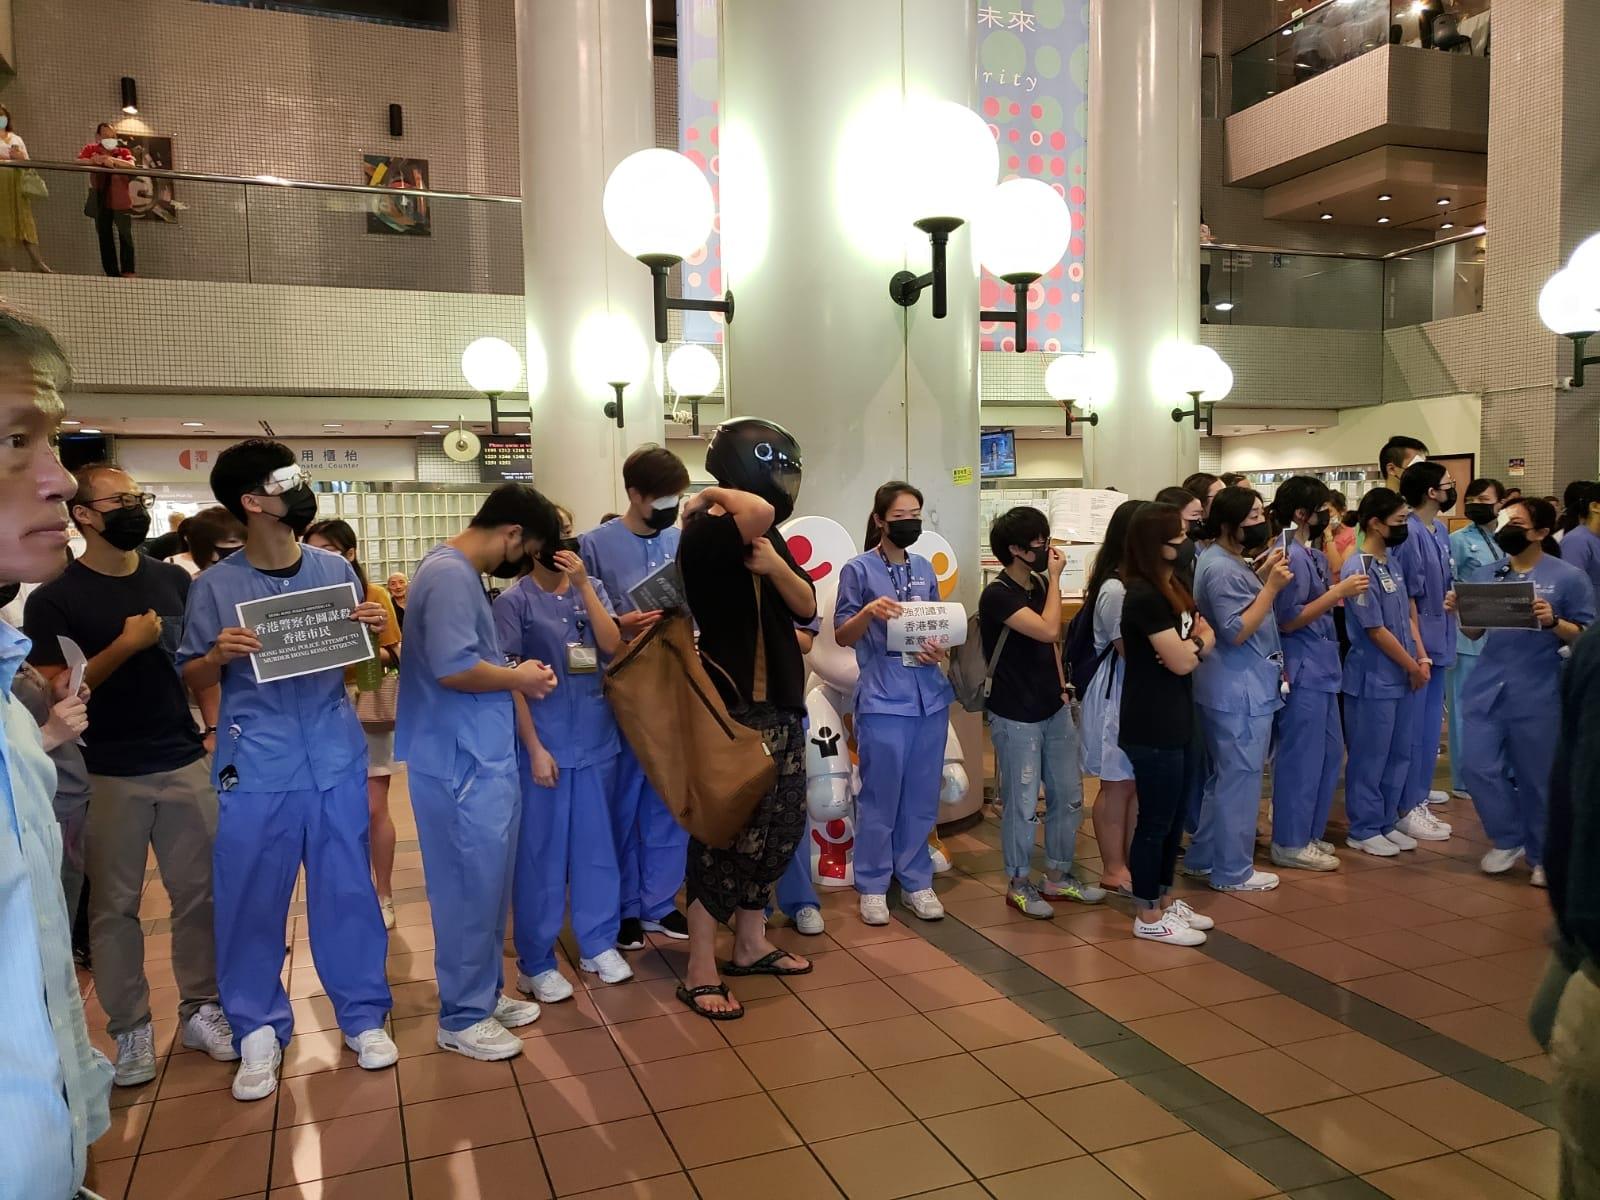 東區醫院主座大樓有醫護人員舉行集會。  香港突發事故報料區fb/網民Suikai Lam圖